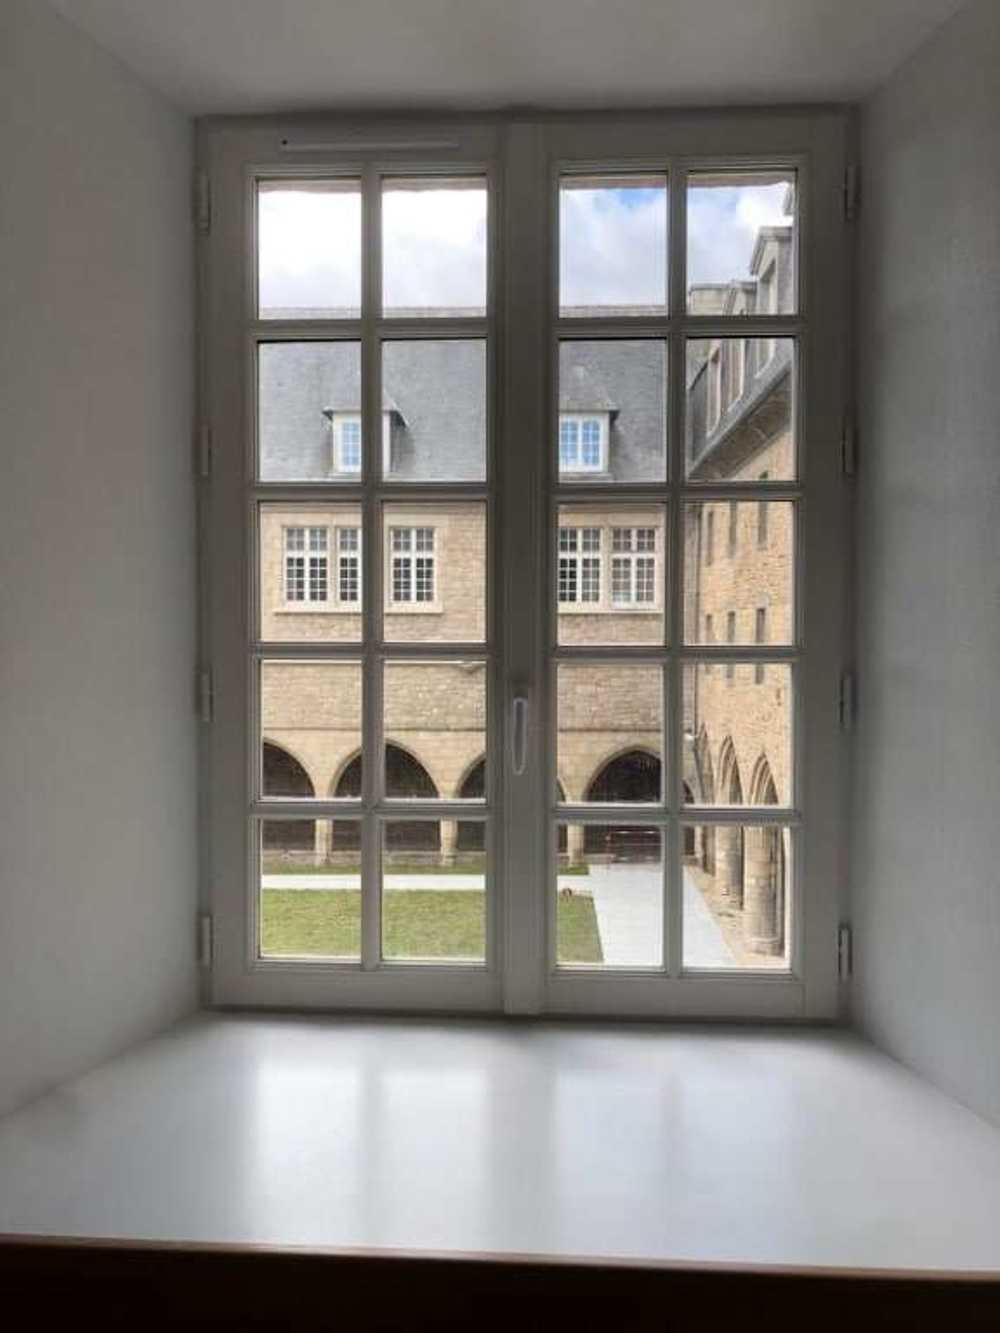 Portes et fenêtres en bois - Collège des Cordeliers - Dinan 734605699774304859450591079308836055023616n